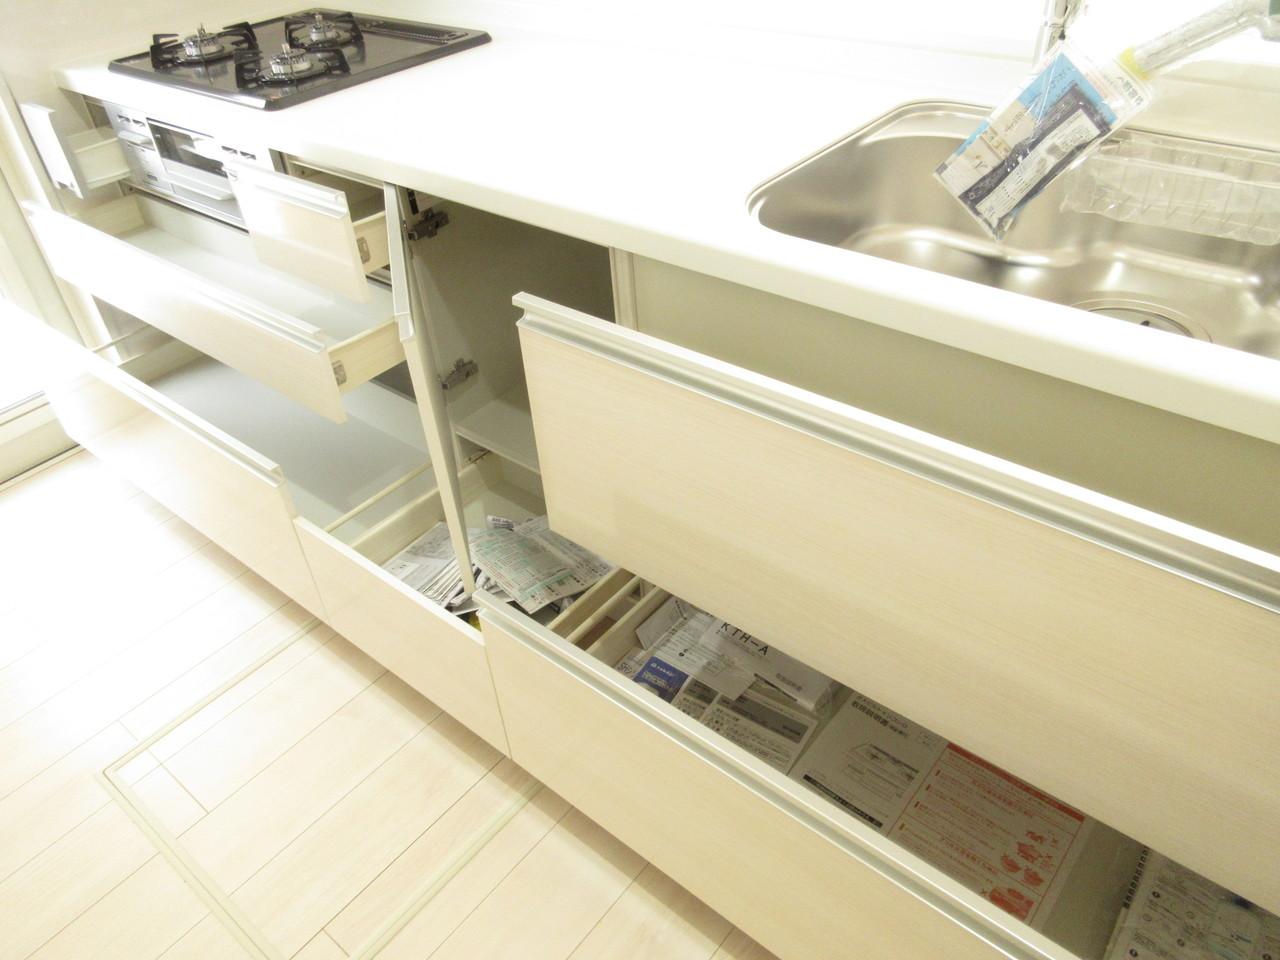 しっかりと収納力もある、スタイリッシュなデザインのシステムキッチンです。